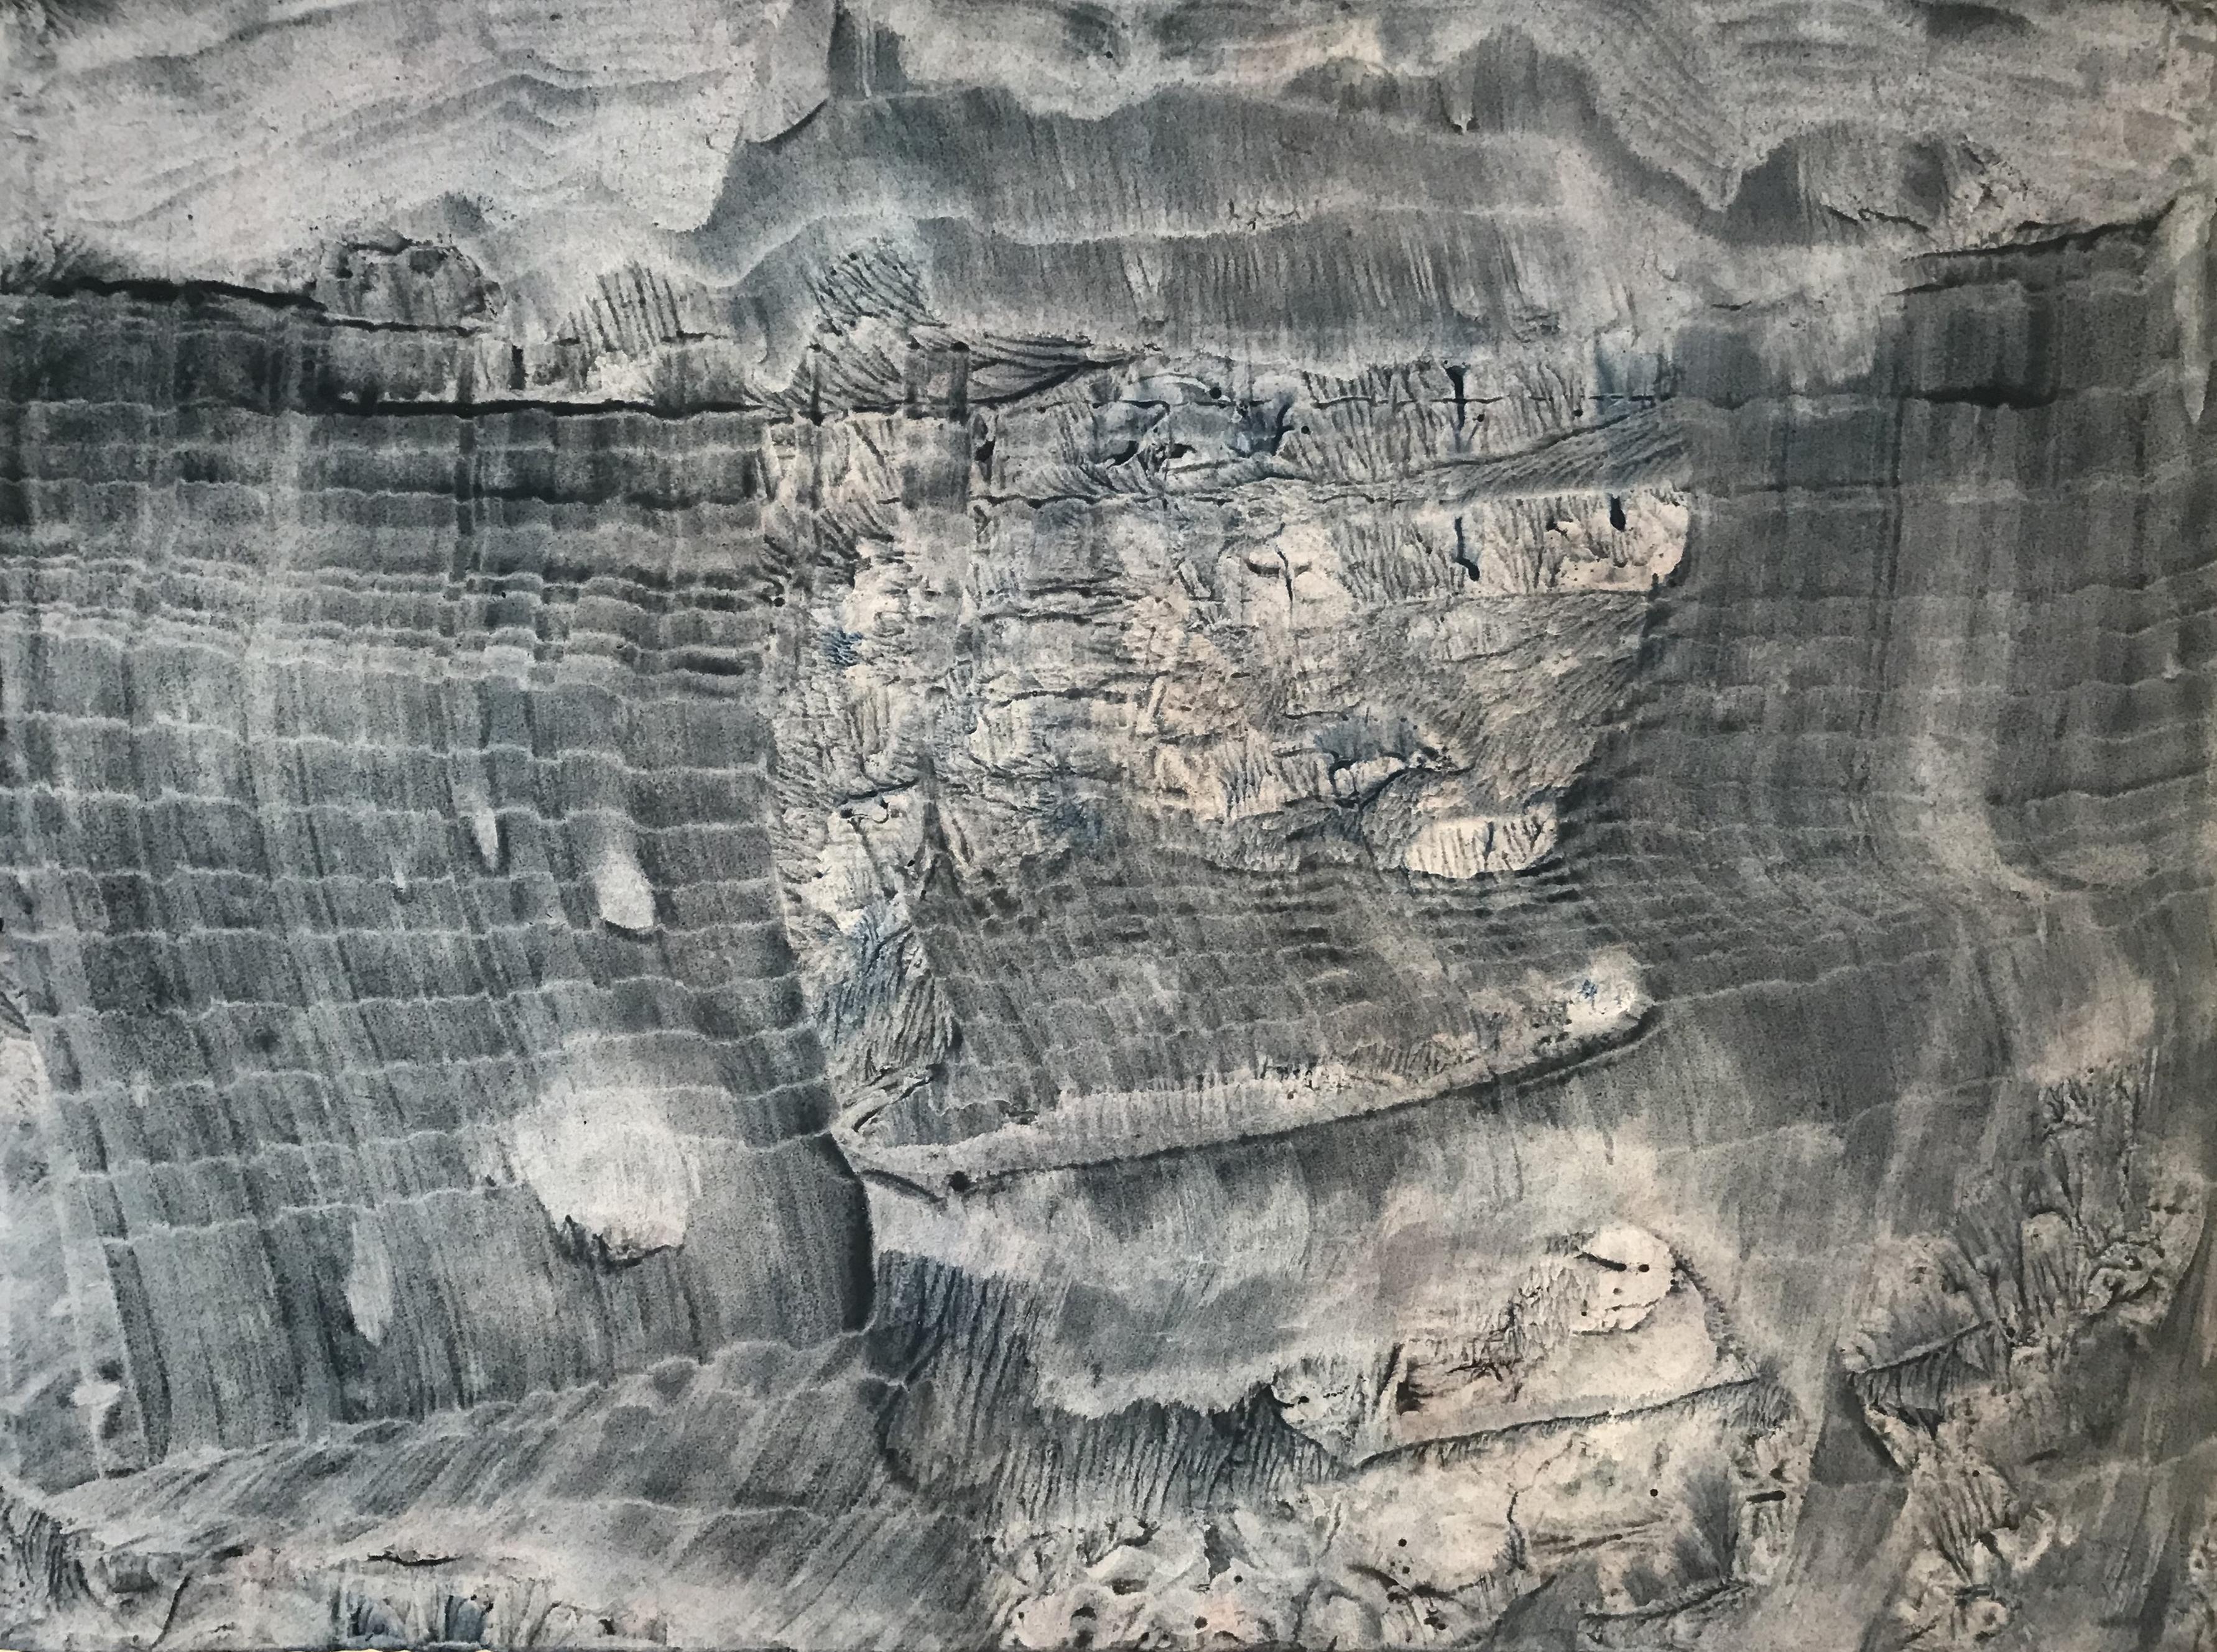 Hong InSook, Trace, 2020, gouache et encre de Chine sur papier, 57 x 75,5 cm